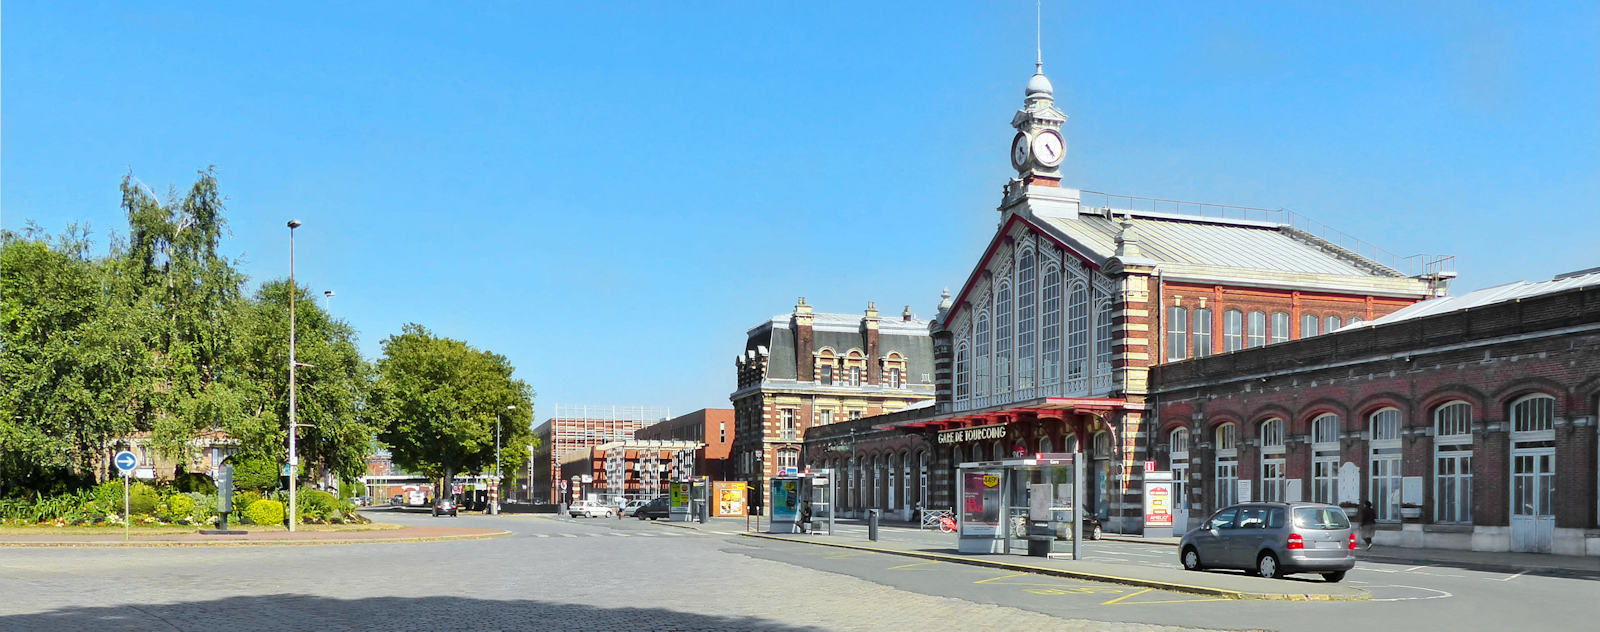 Gare de Tourcoing - Arrêts de Bus en face de la gare